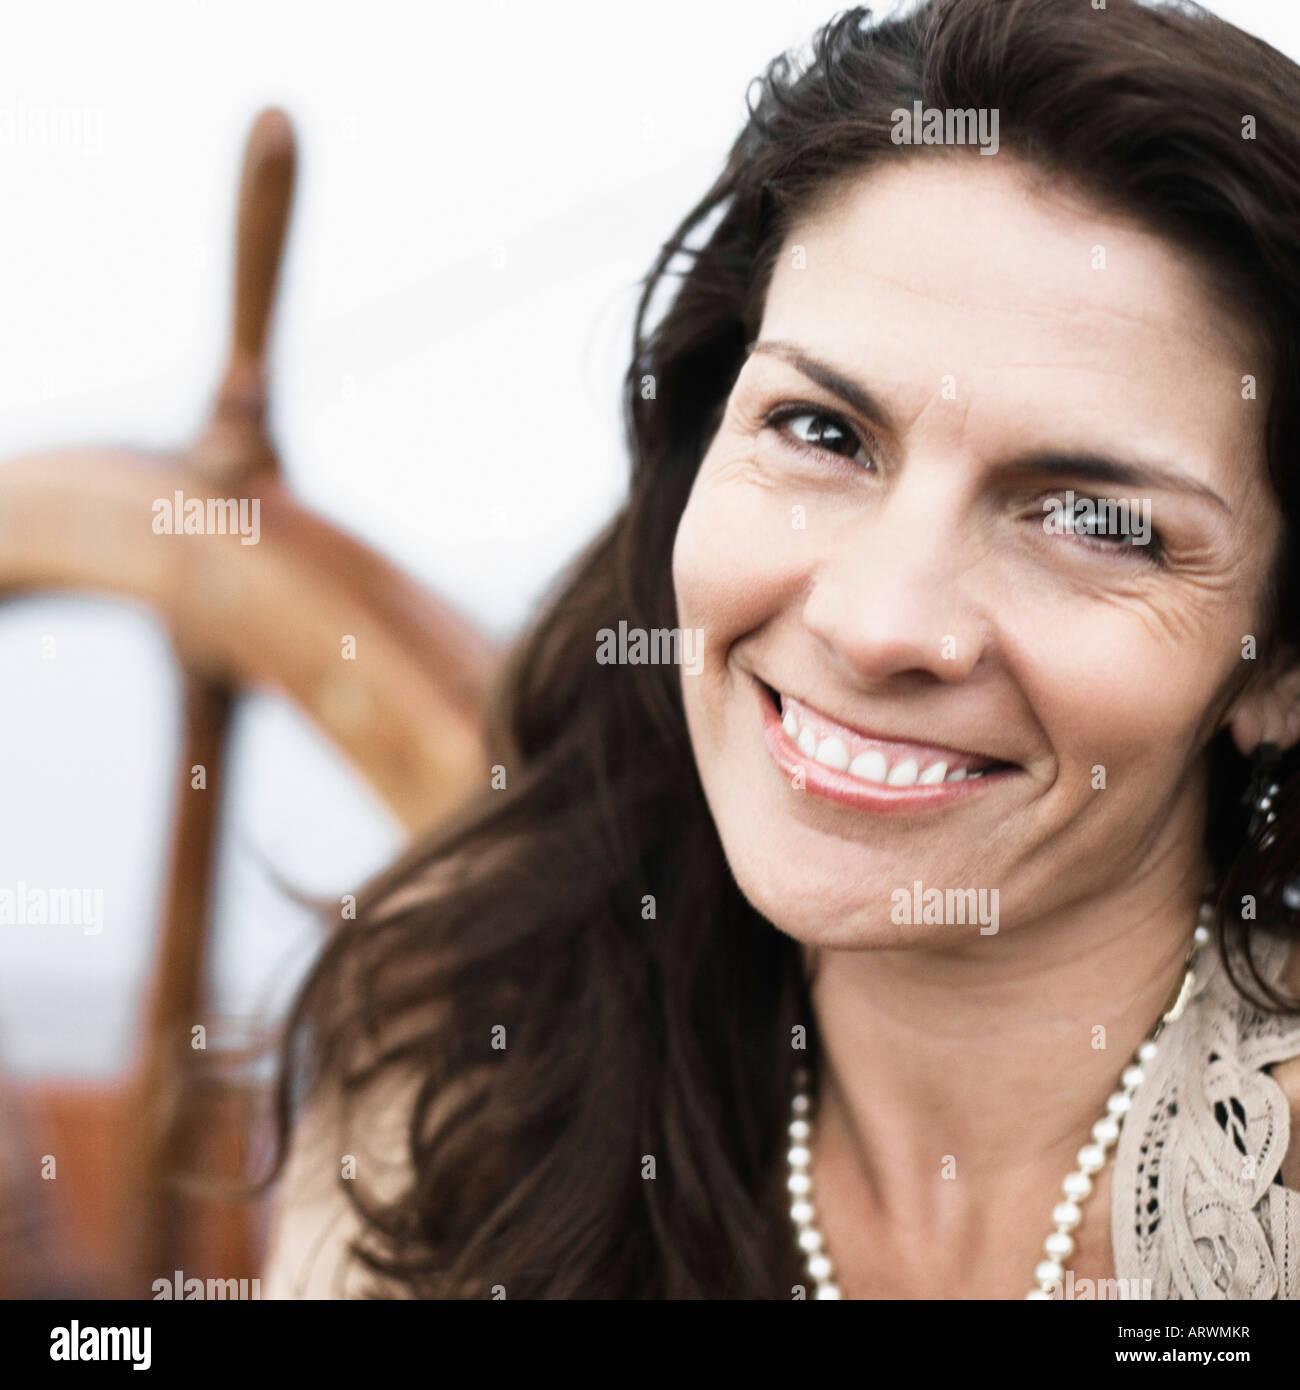 Porträt einer Mitte erwachsenen Frau lächelnd Stockbild